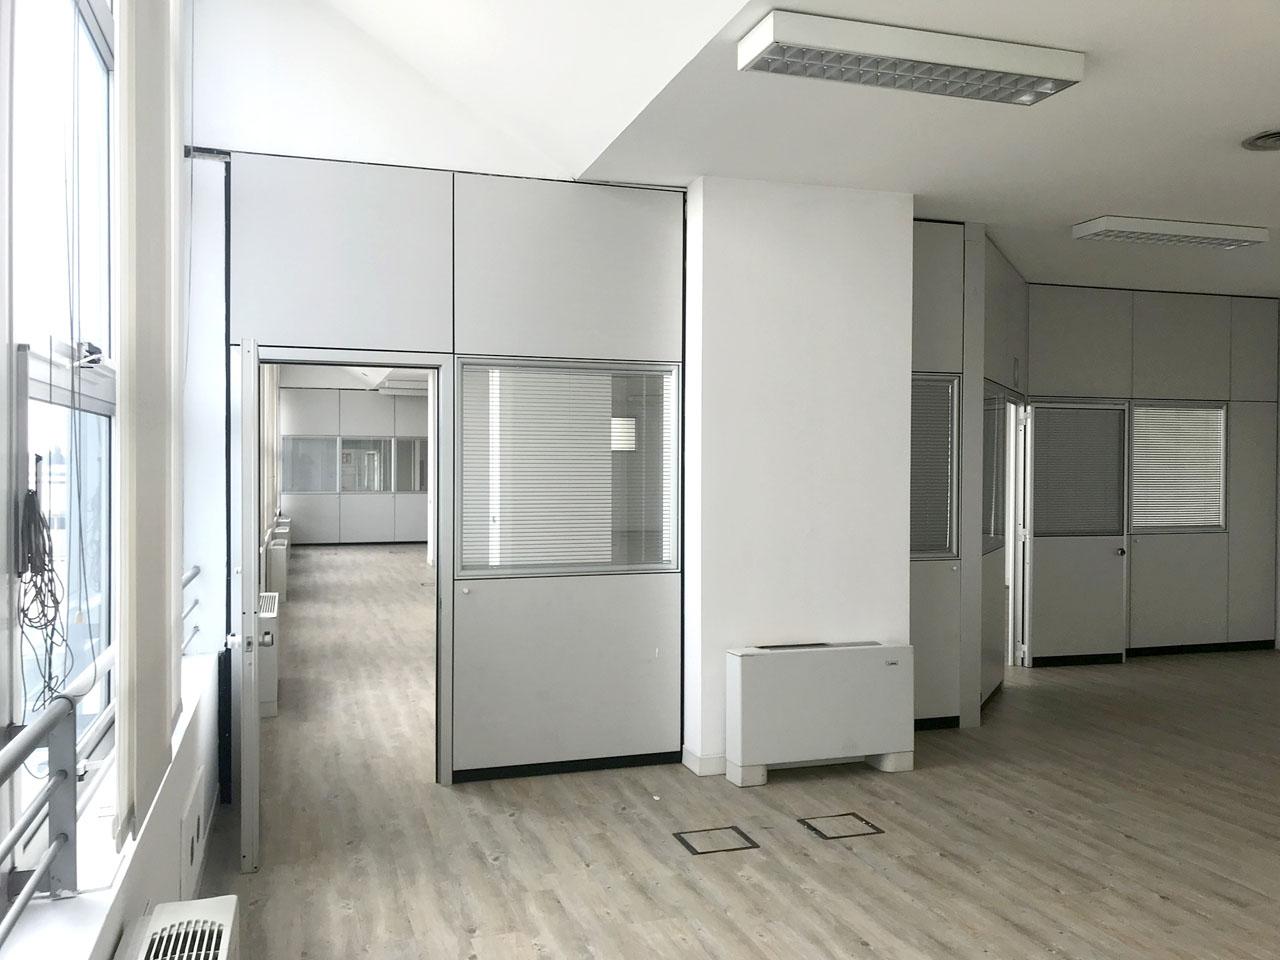 ufficio 430 mq secondo piano - Atlantic Business Center - ufficio open space